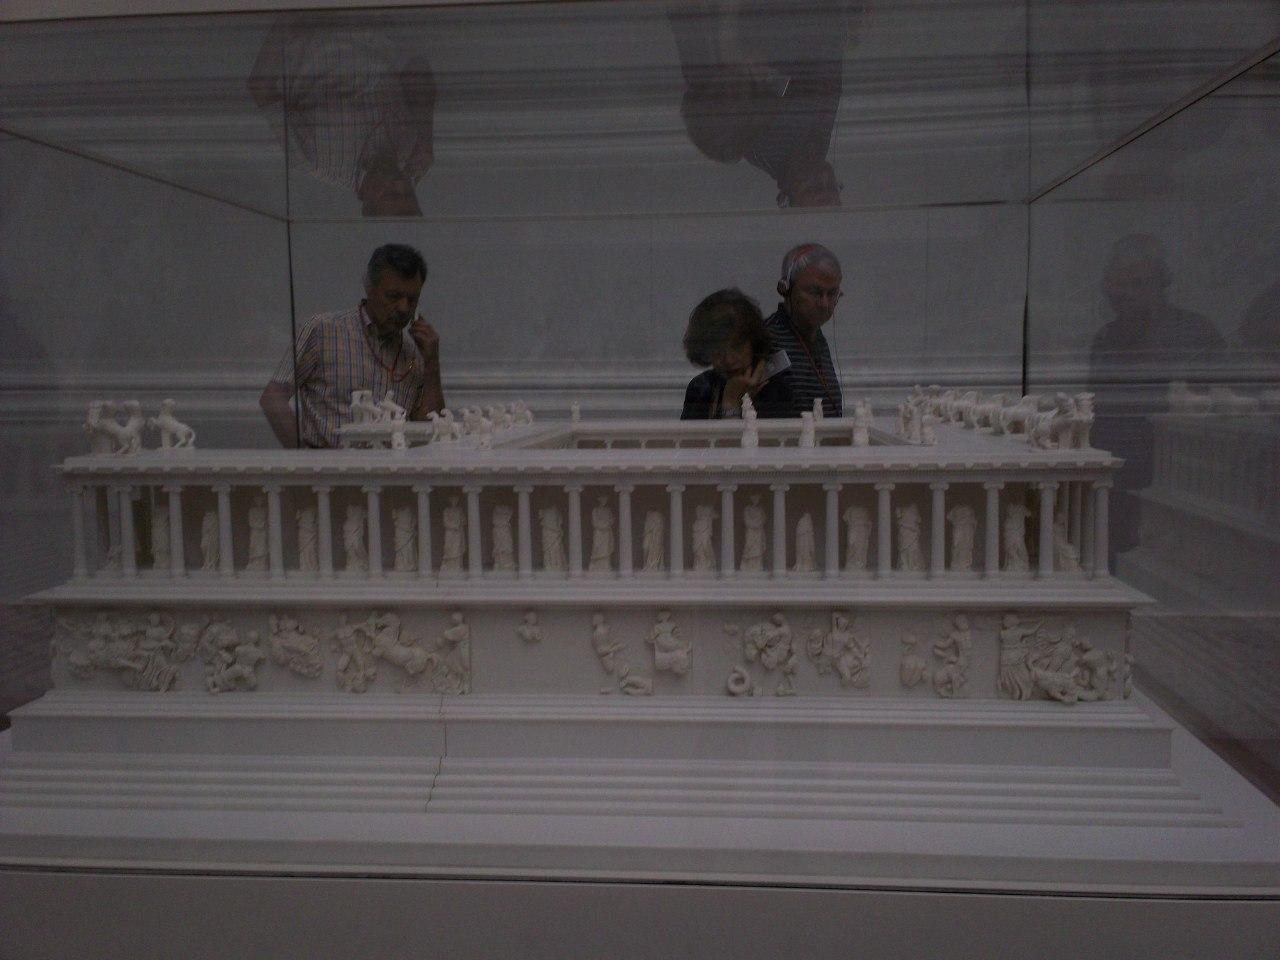 Елена Руденко. Германия. Берлин. Музей Пергамон. 2013 г. июнь. ELN-TJOi-Uc